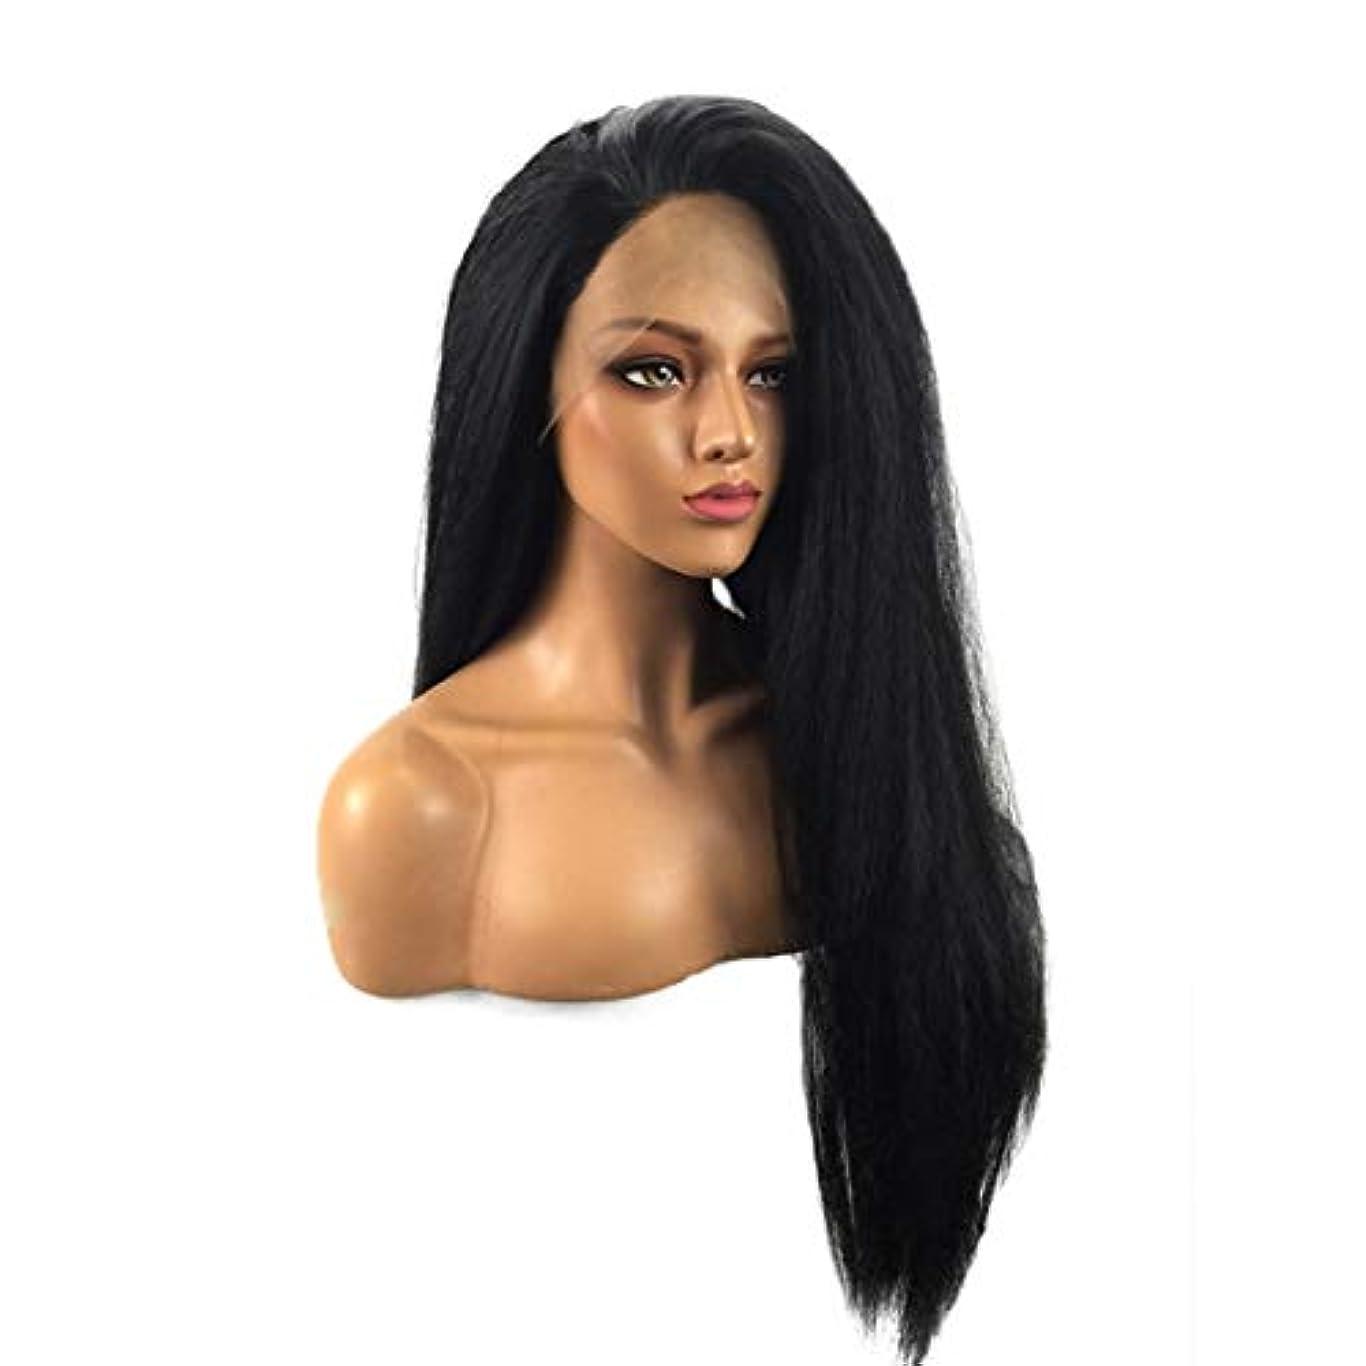 美徳ブレスマラソンKoloeplf レースフロントウィッグロングナチュラルストレート耐熱人工毛かつら女性用26インチ (Size : 26inch)